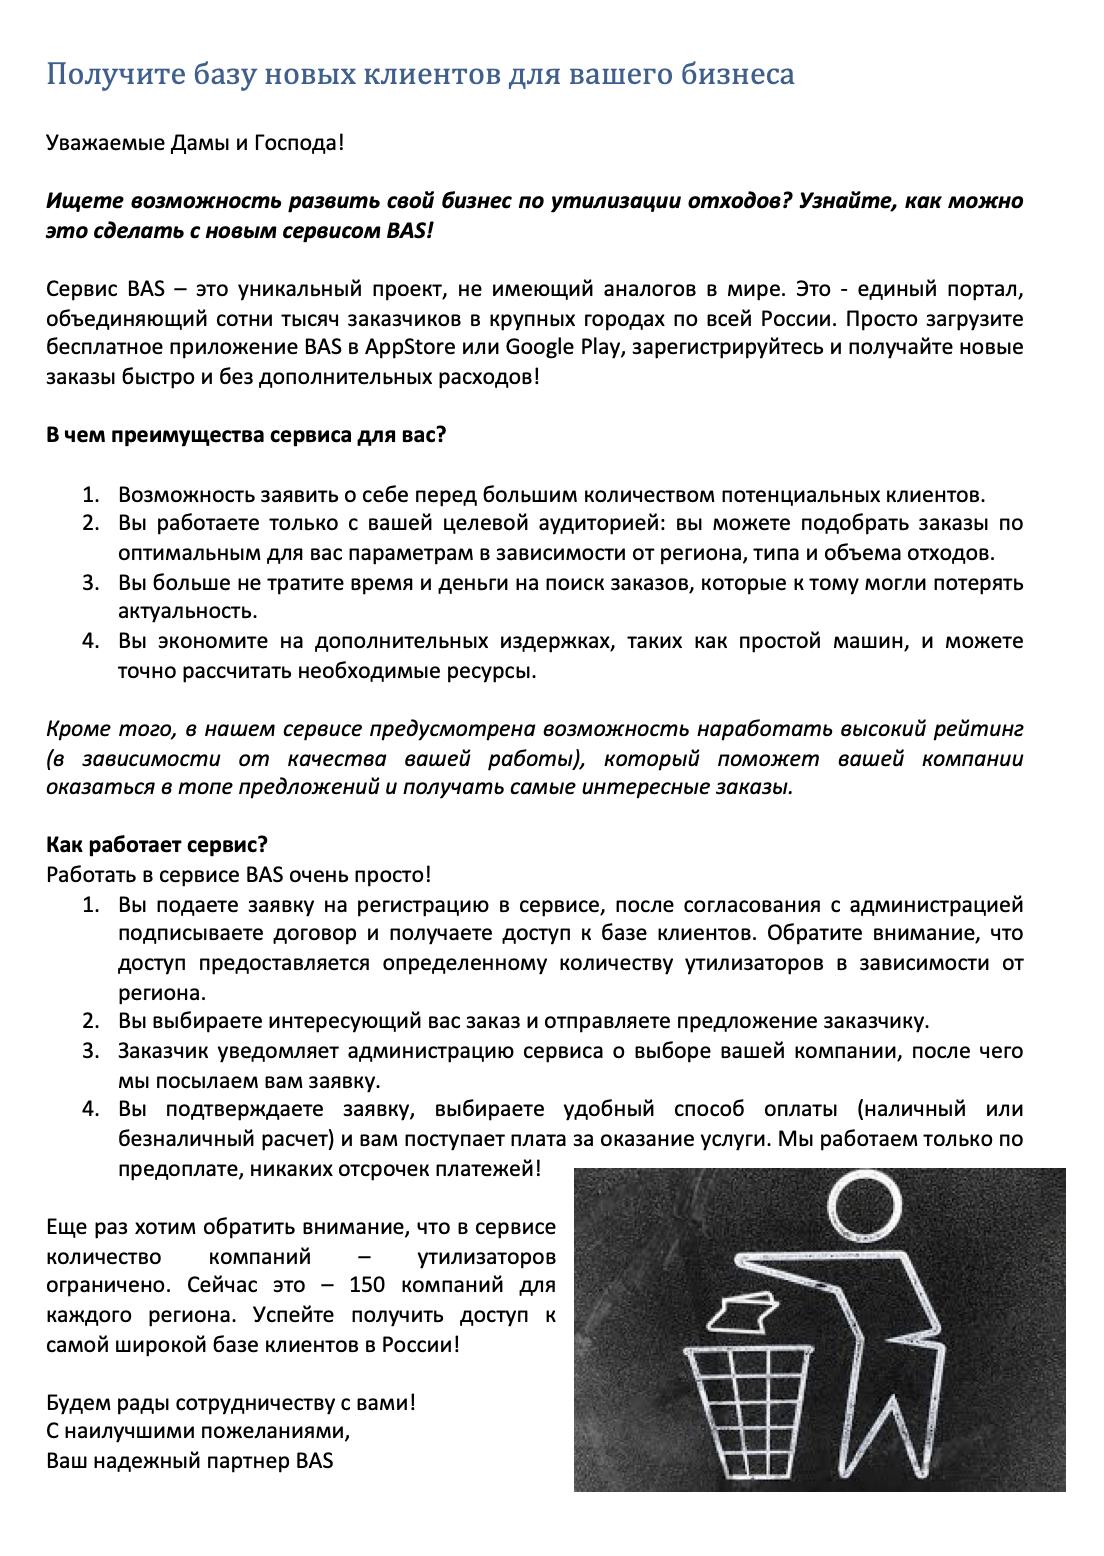 Пример коммерческого предложения #64 - Коммерческое предложение для BAS